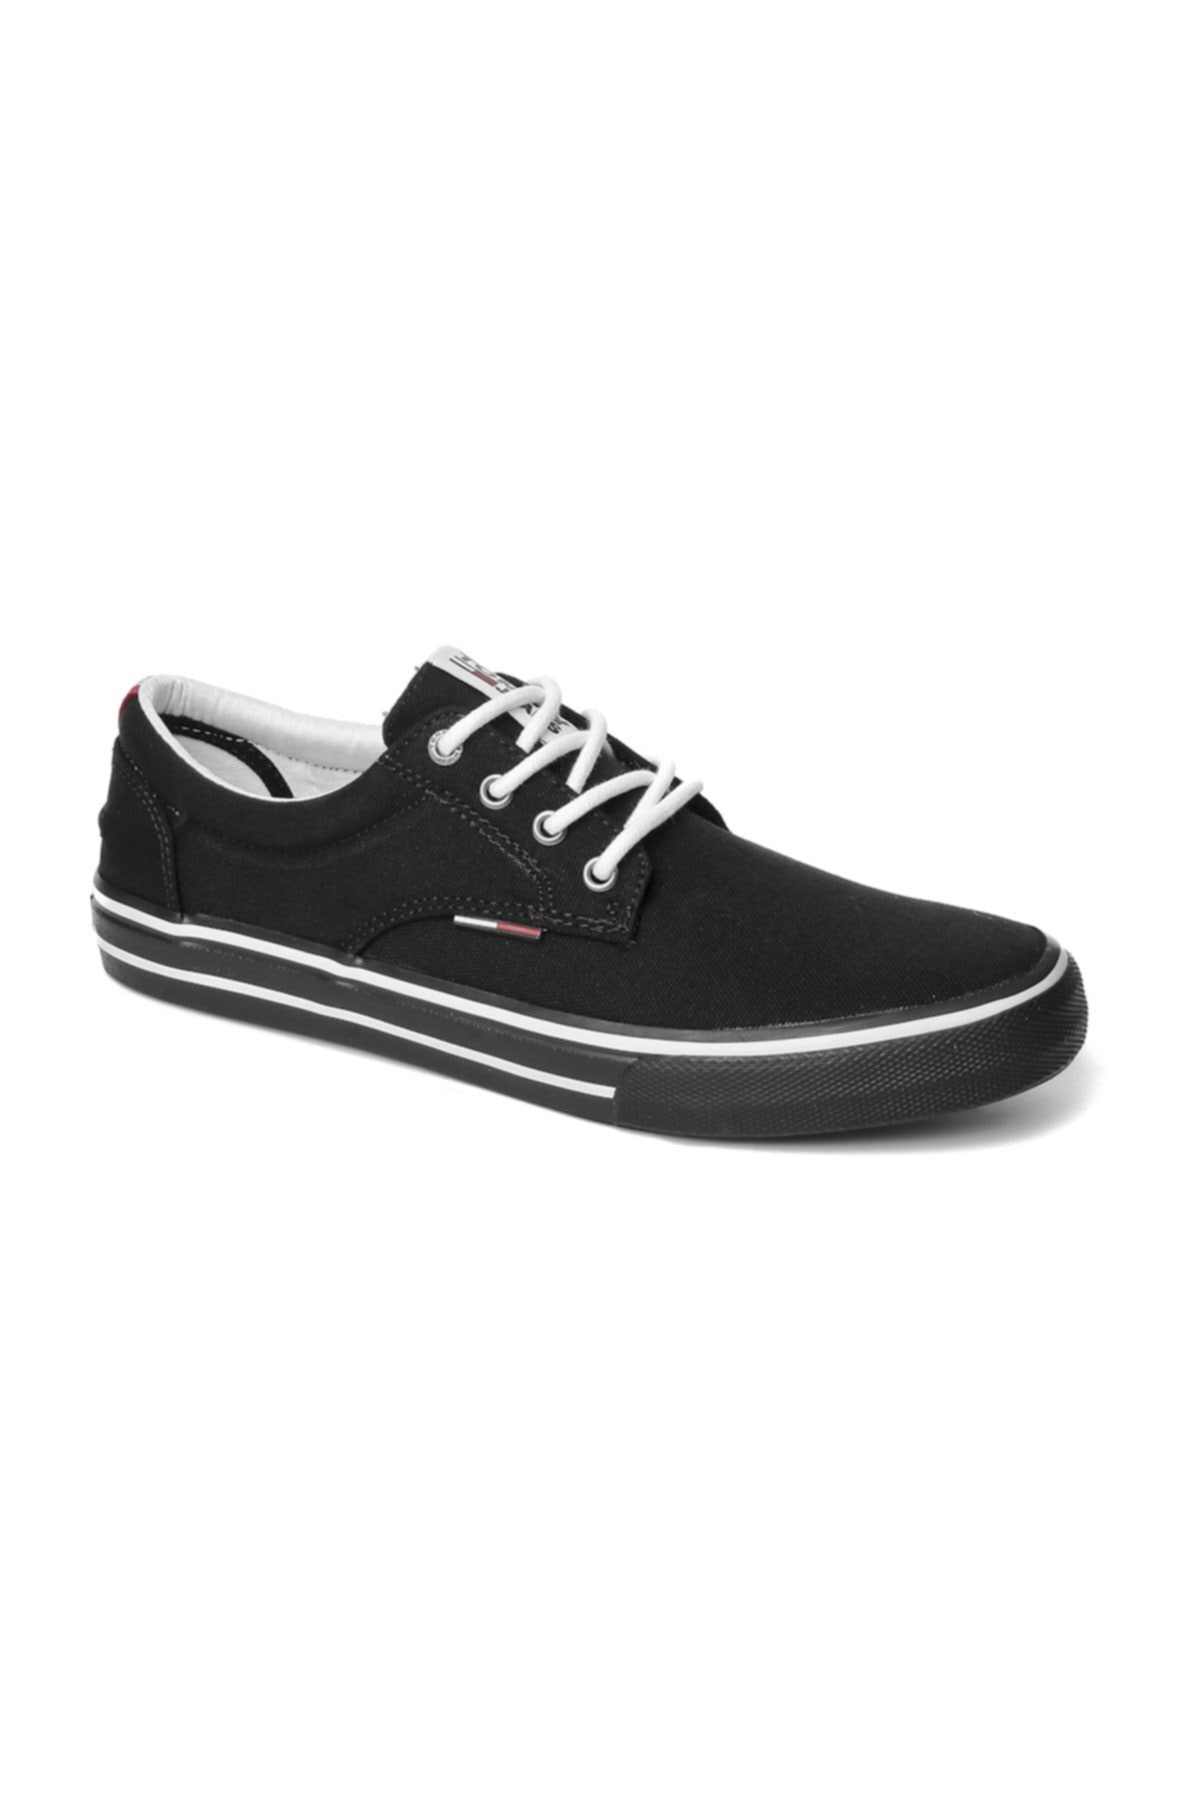 فروش کفش اسپرت مردانه  برند تامی هیلفیگر رنگ مشکی کد ty2603982